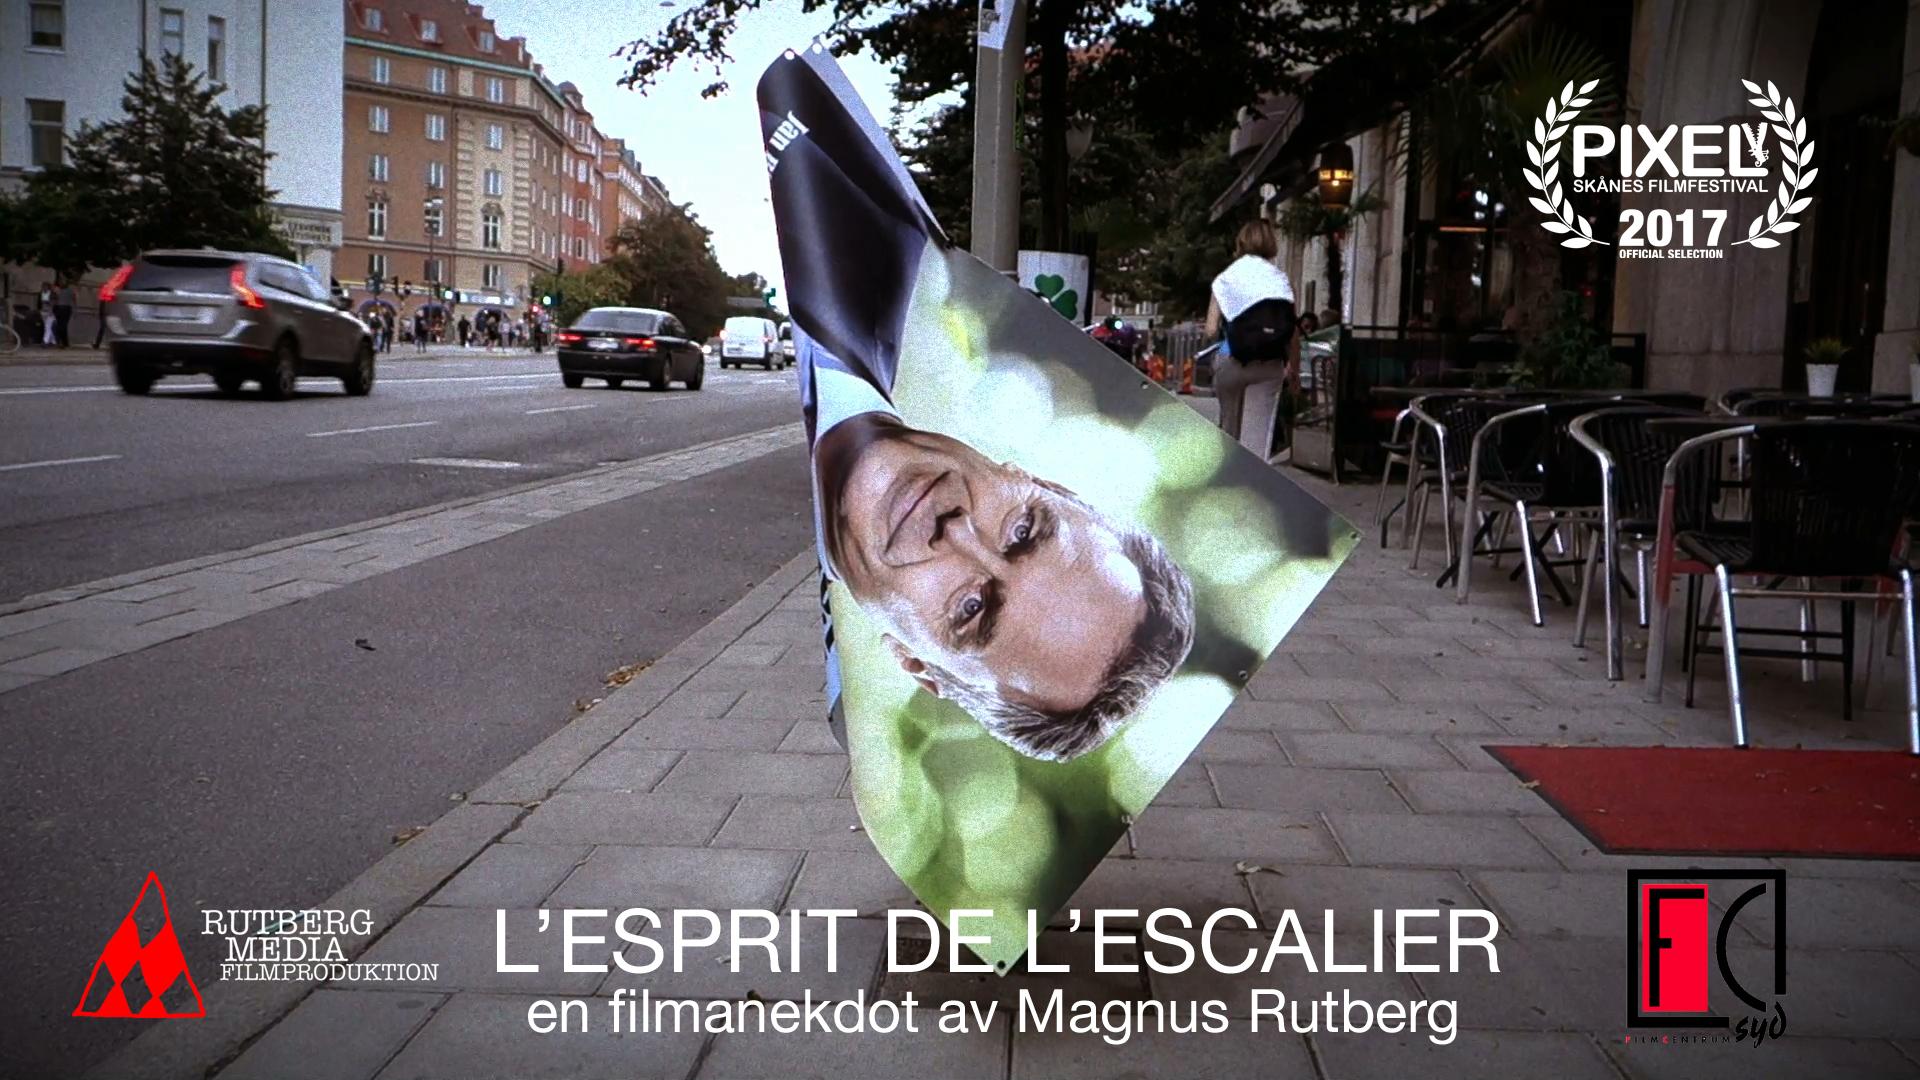 LESPRIT_DE_LESCALIER_poster